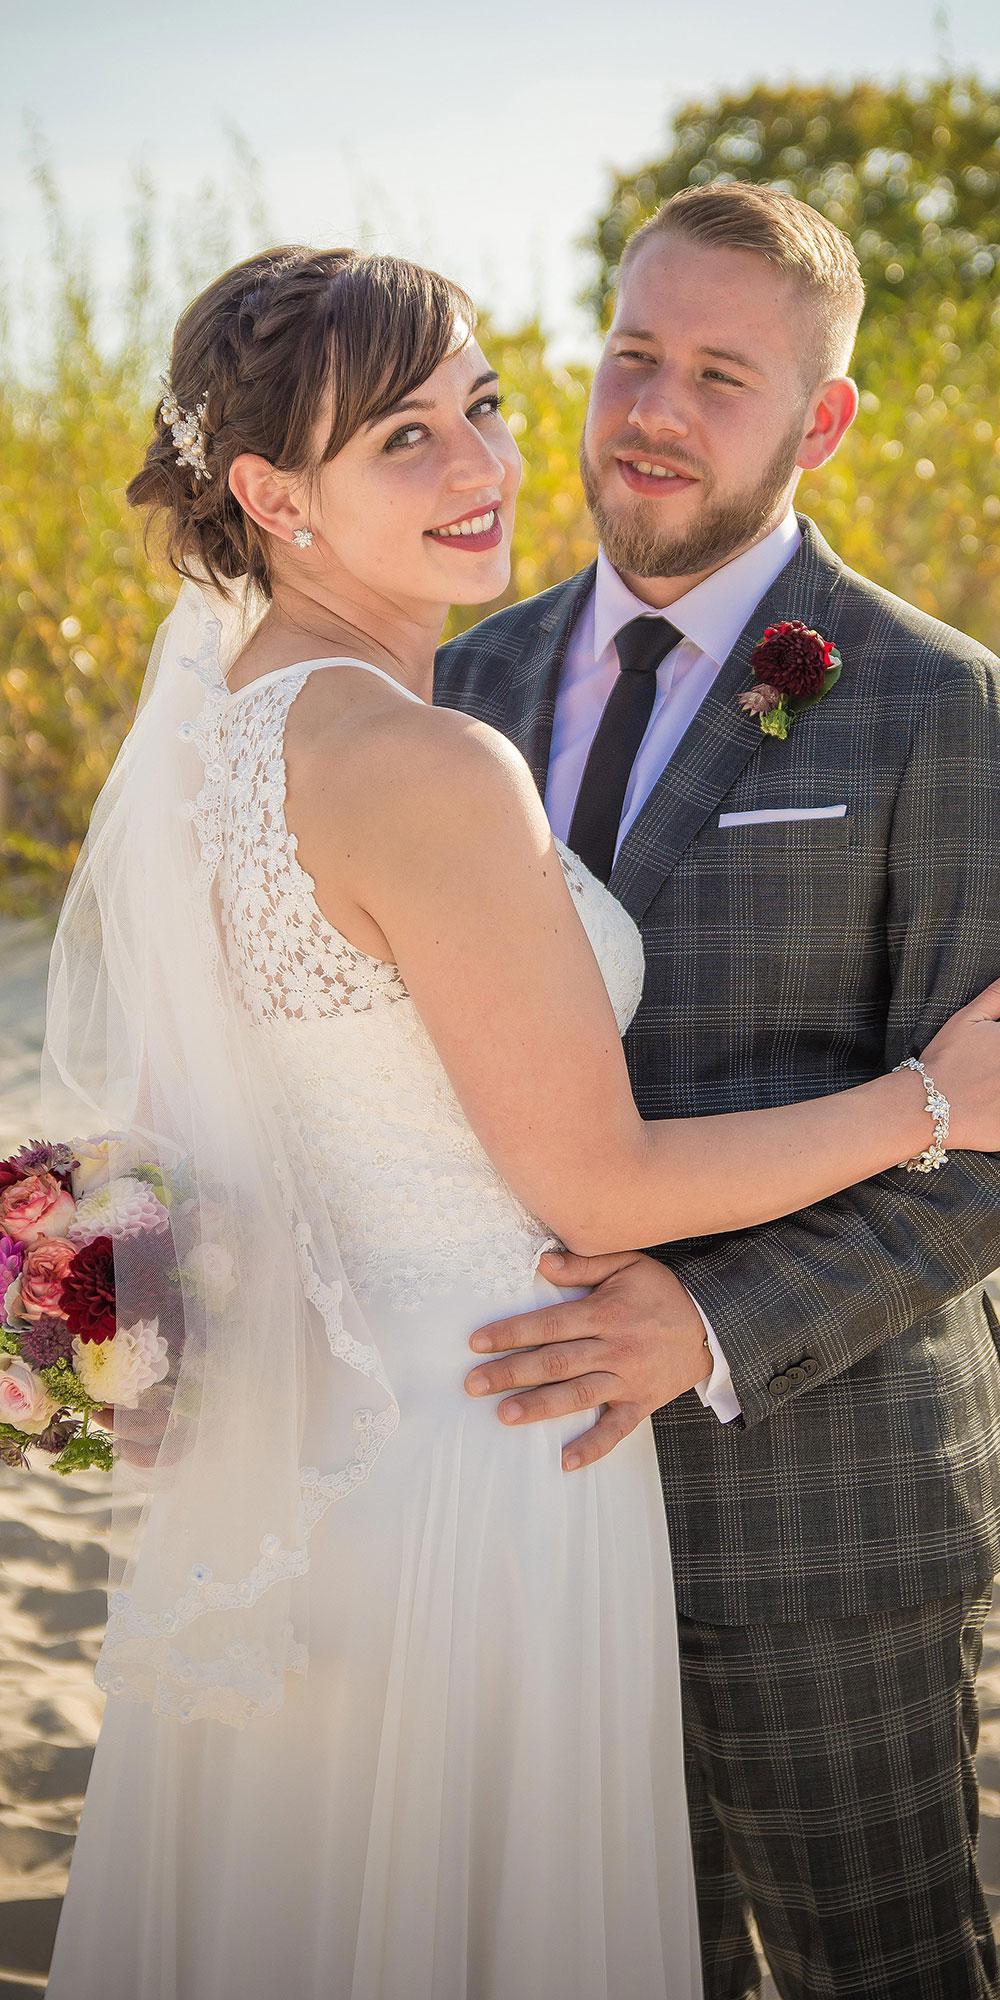 Hochzeitsfoto Brautpaar Blick in die Kamera